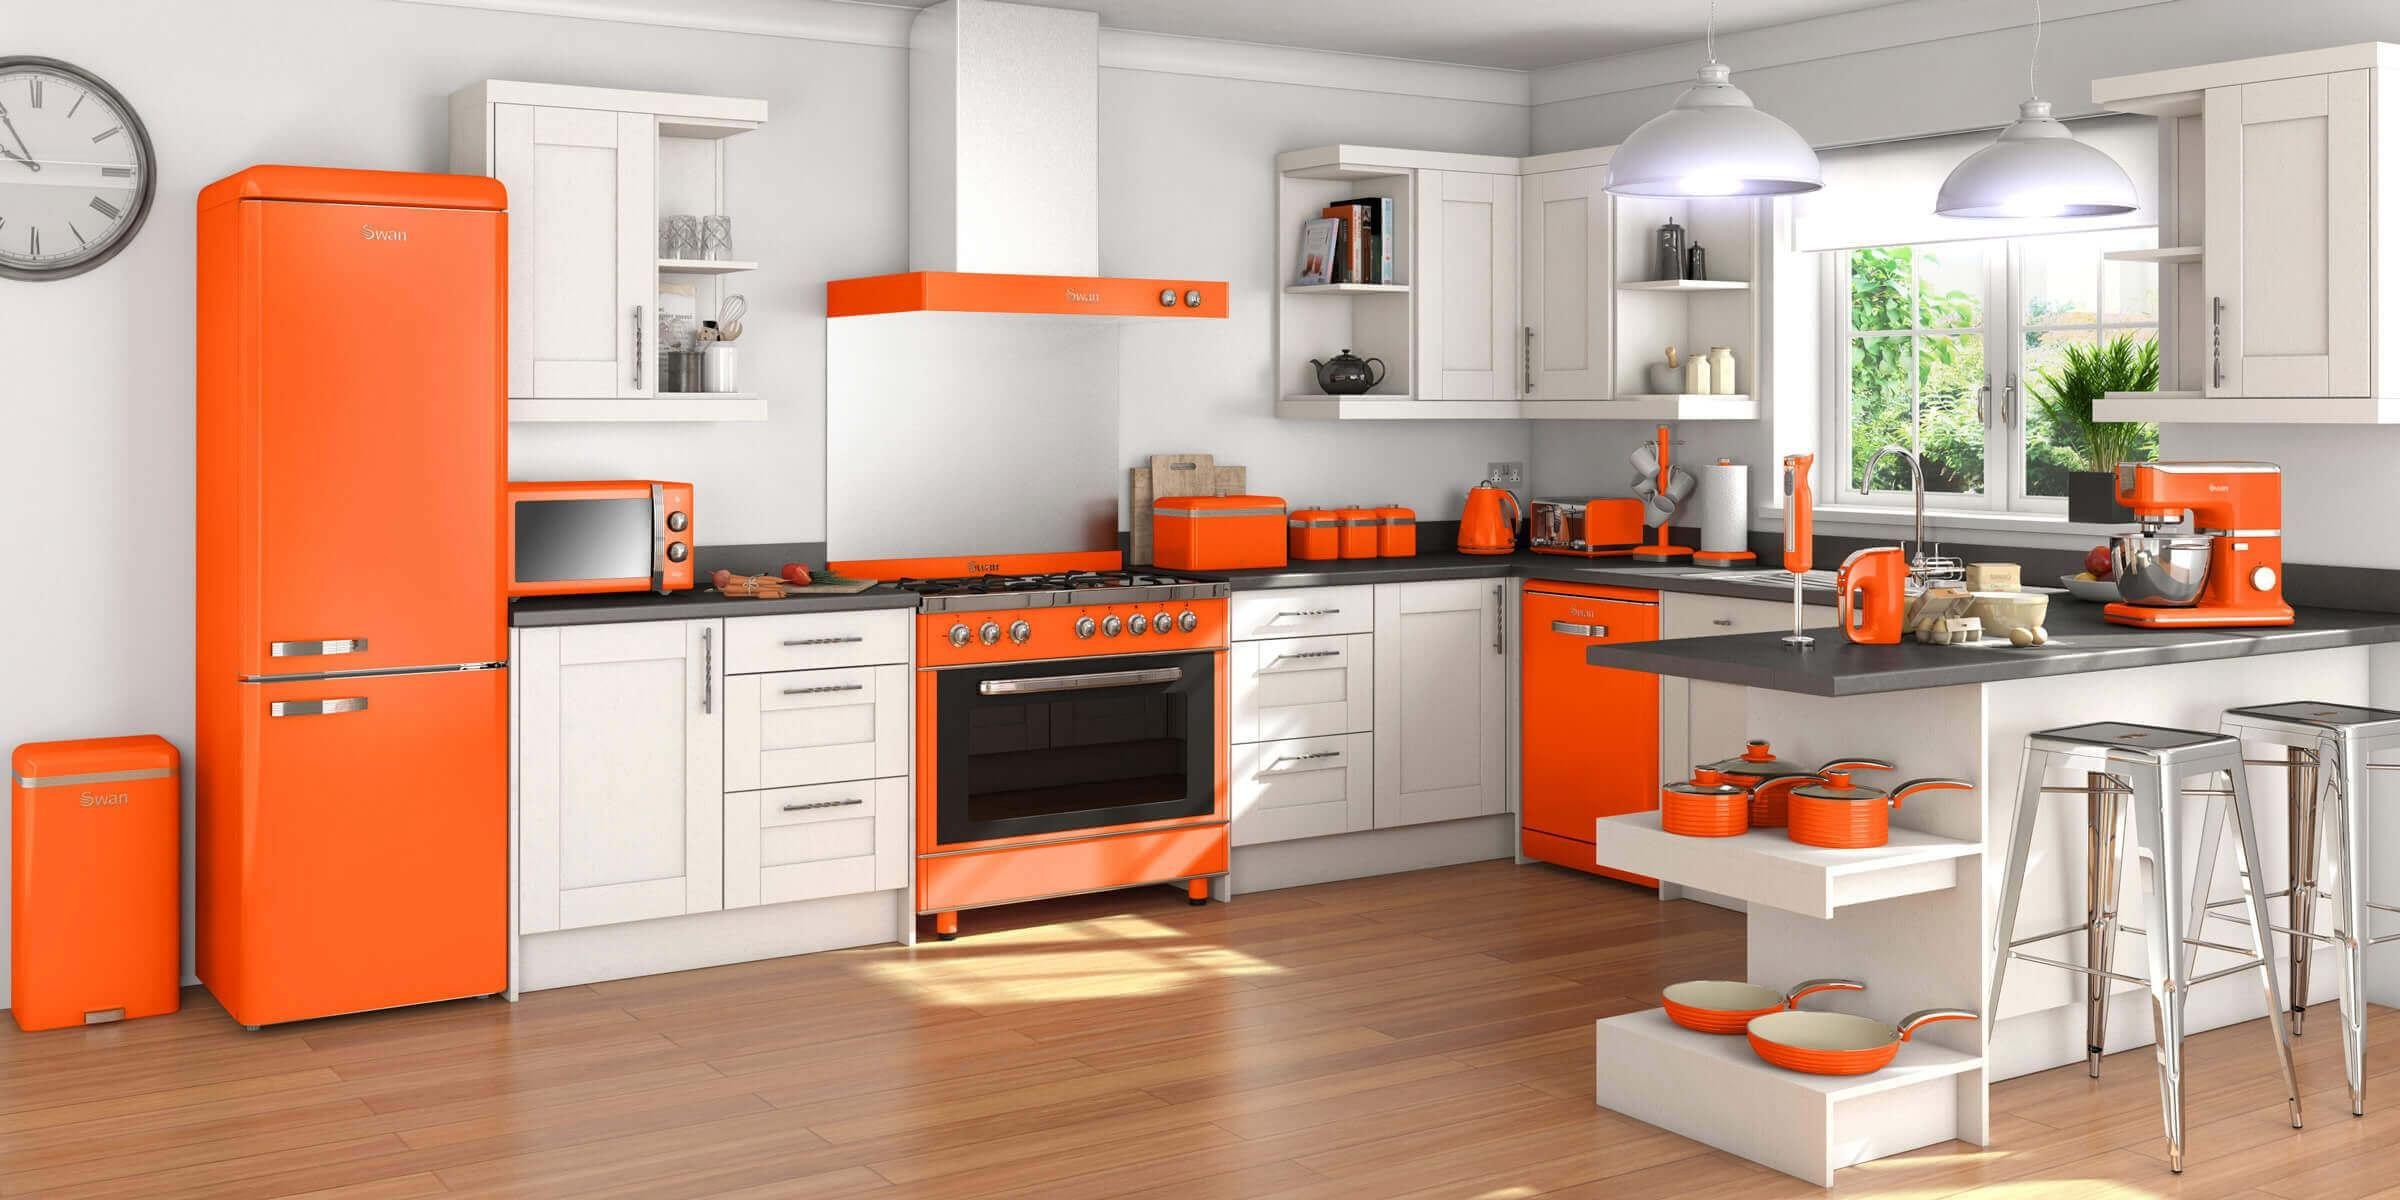 Swan | Fearne | Mixers & blenders | Retro appliances | AO ...